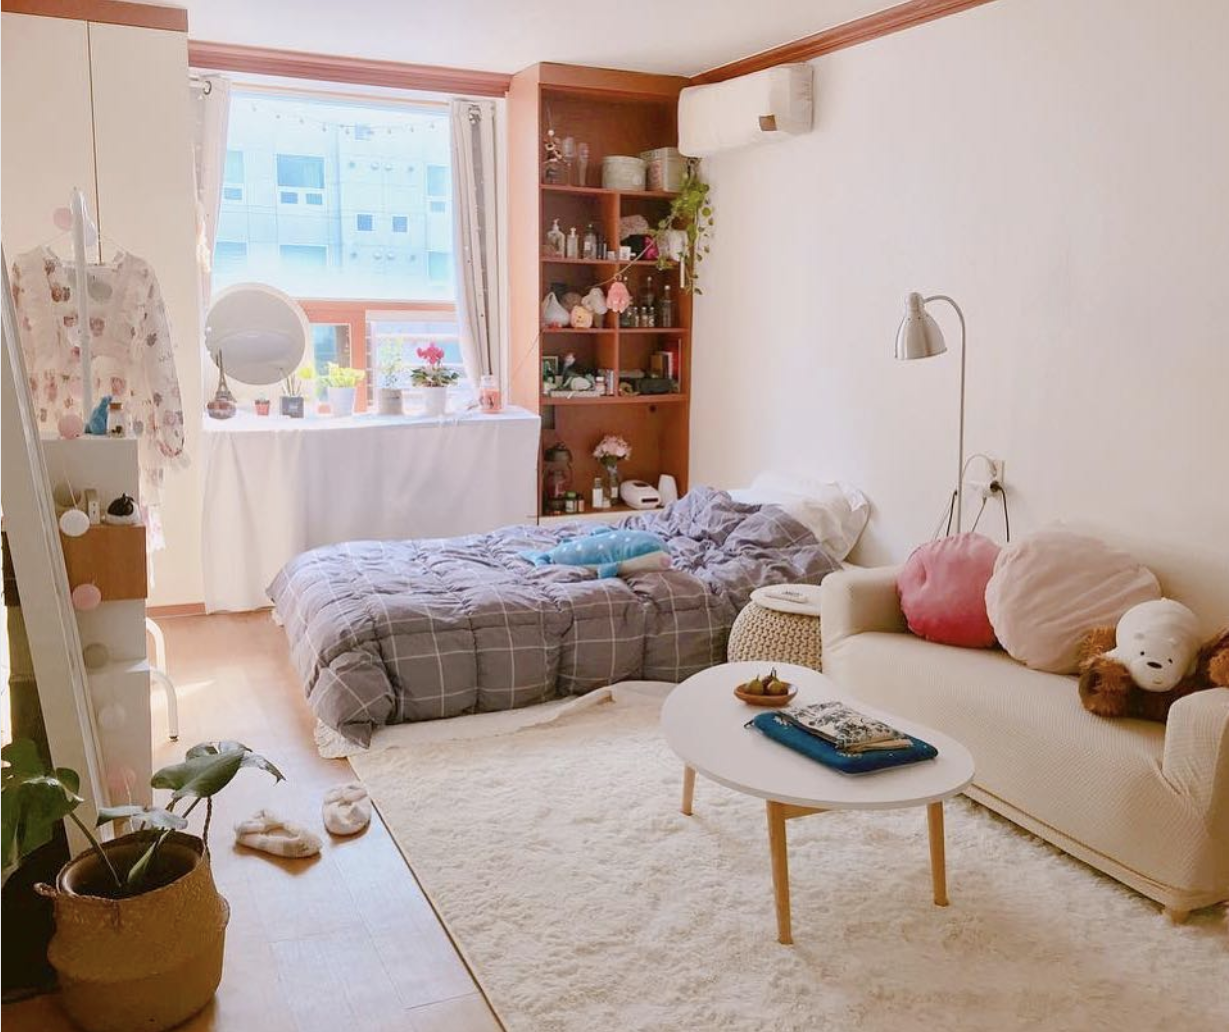 DecorationBureau | Korean bedsets, Bedroom design, Home decor